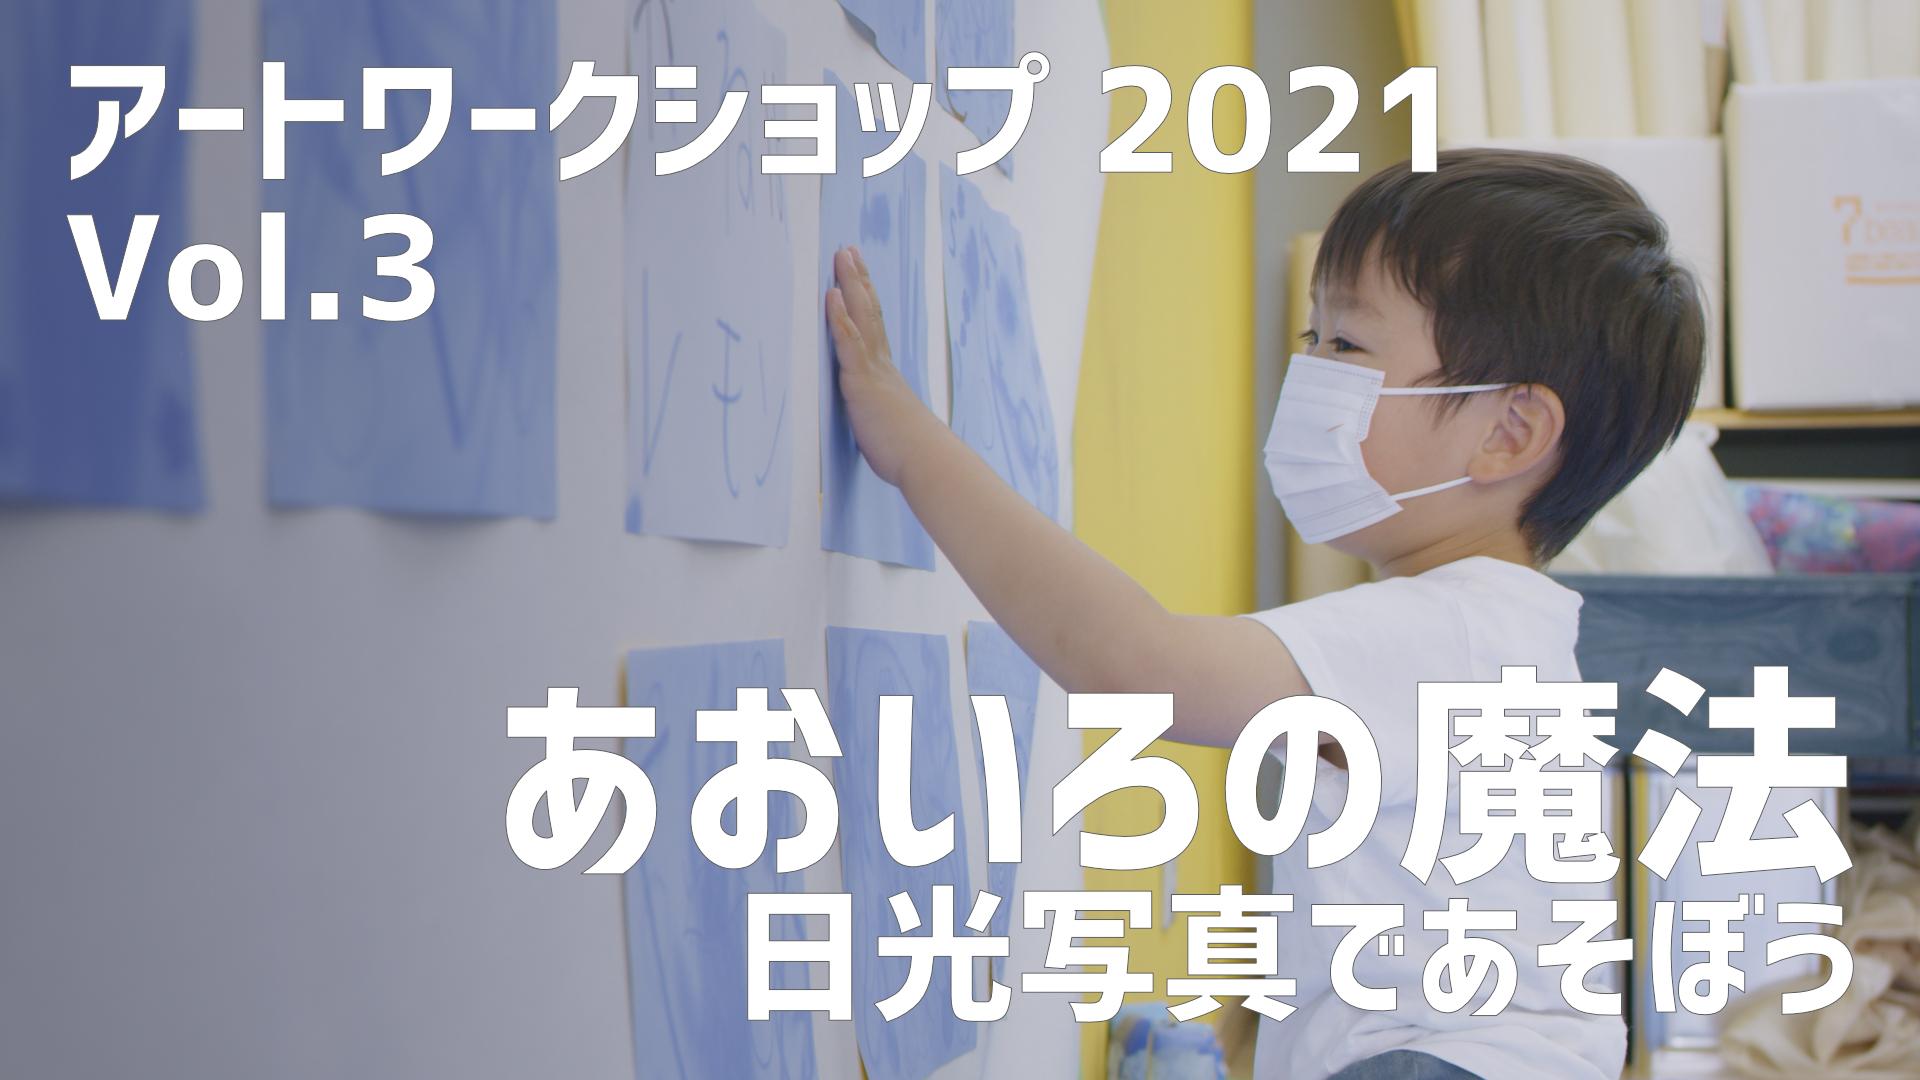 """アートワークショップVol,3""""あおいろの写真〜日光写真であそぼう〜"""""""